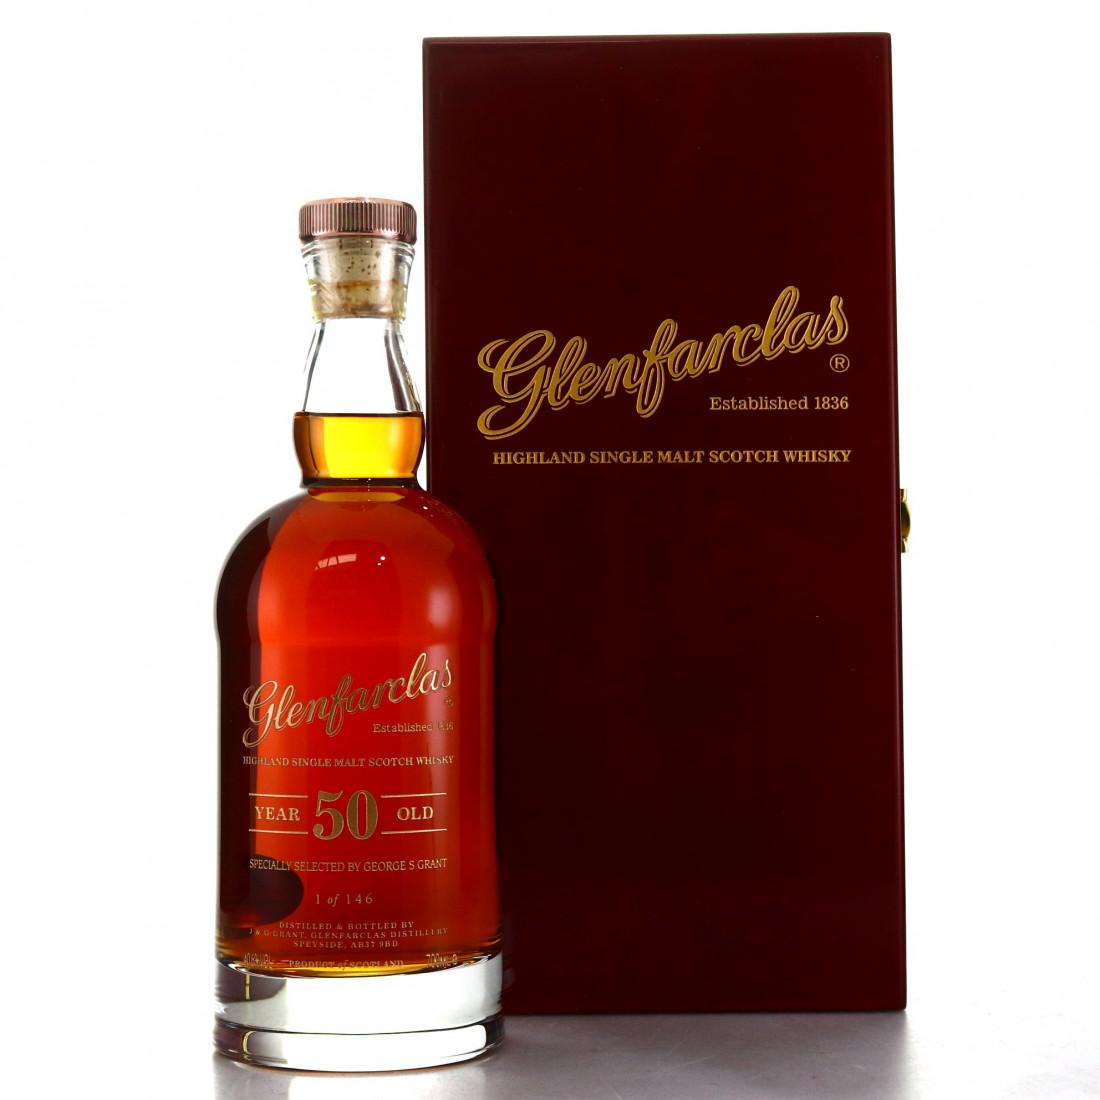 Glenfarclas 50 Year Old